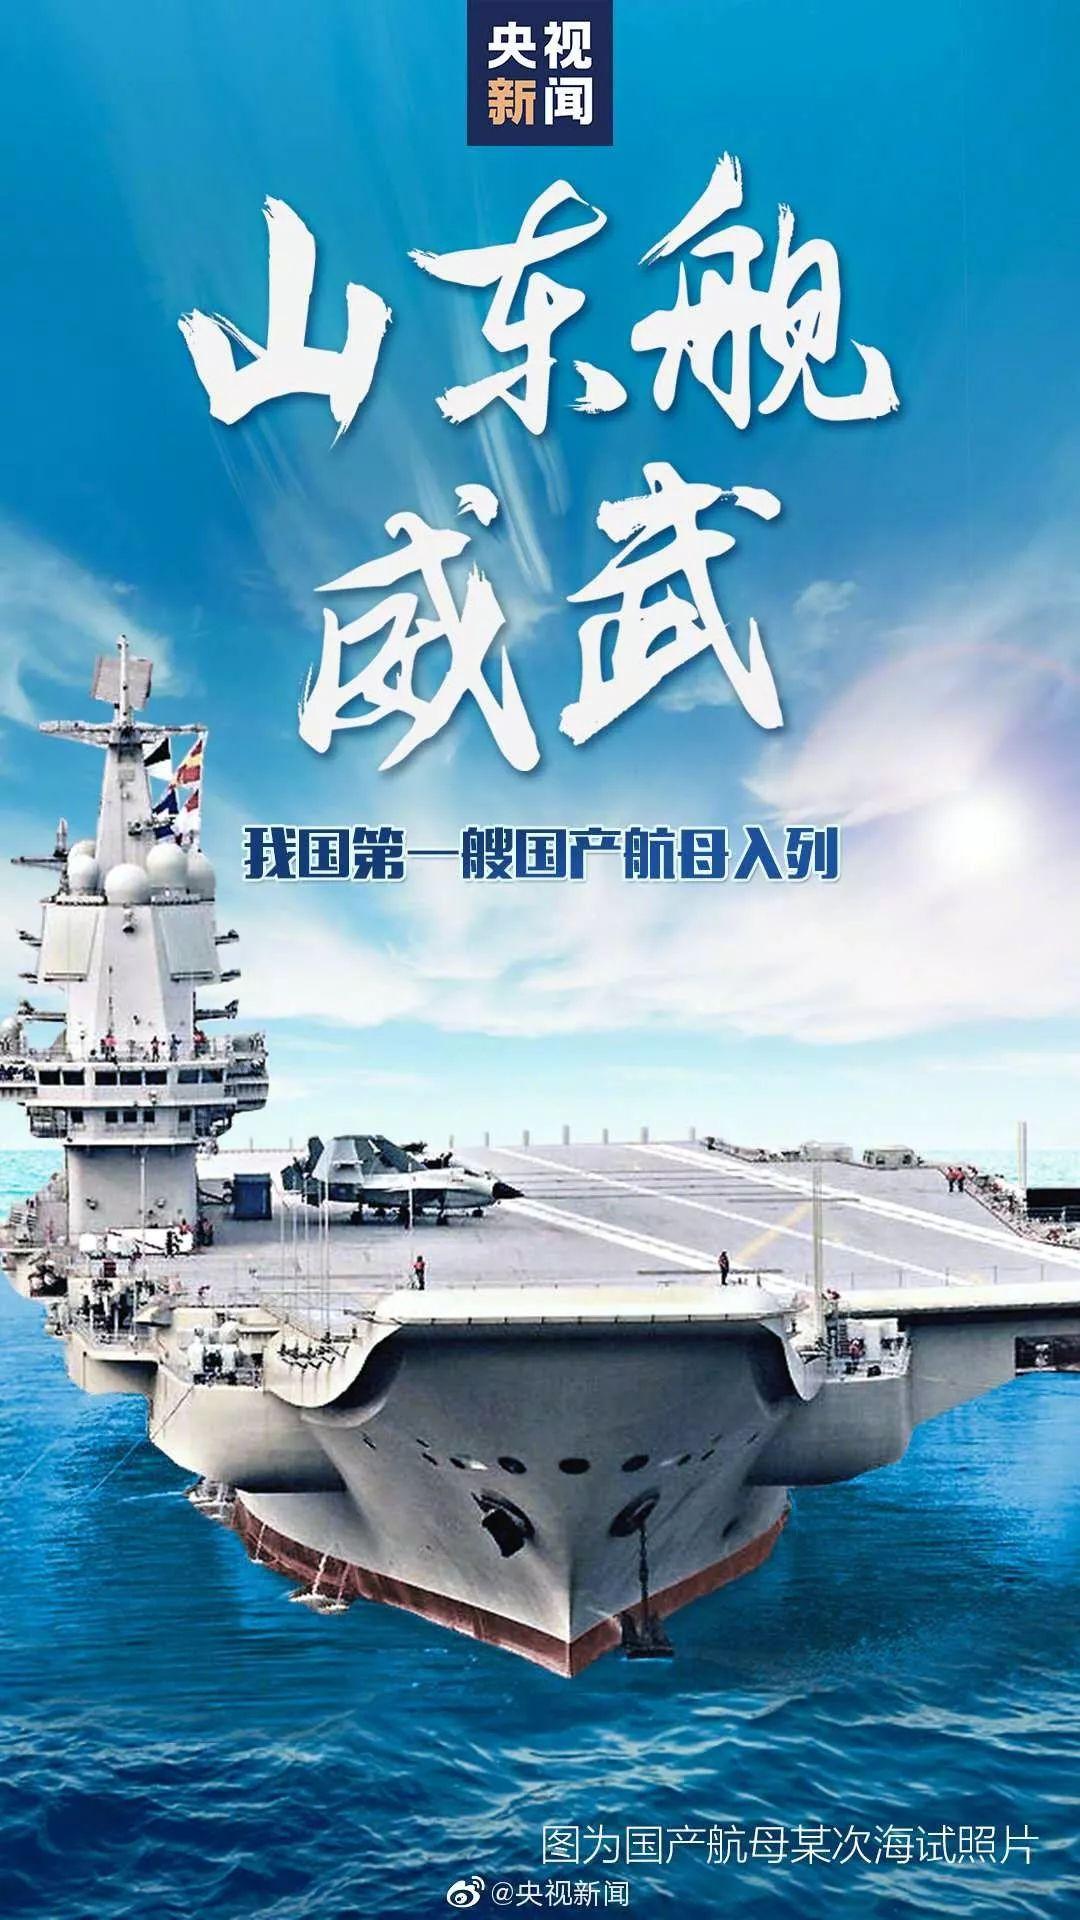 http://www.as0898.com/anshanjingji/17967.html